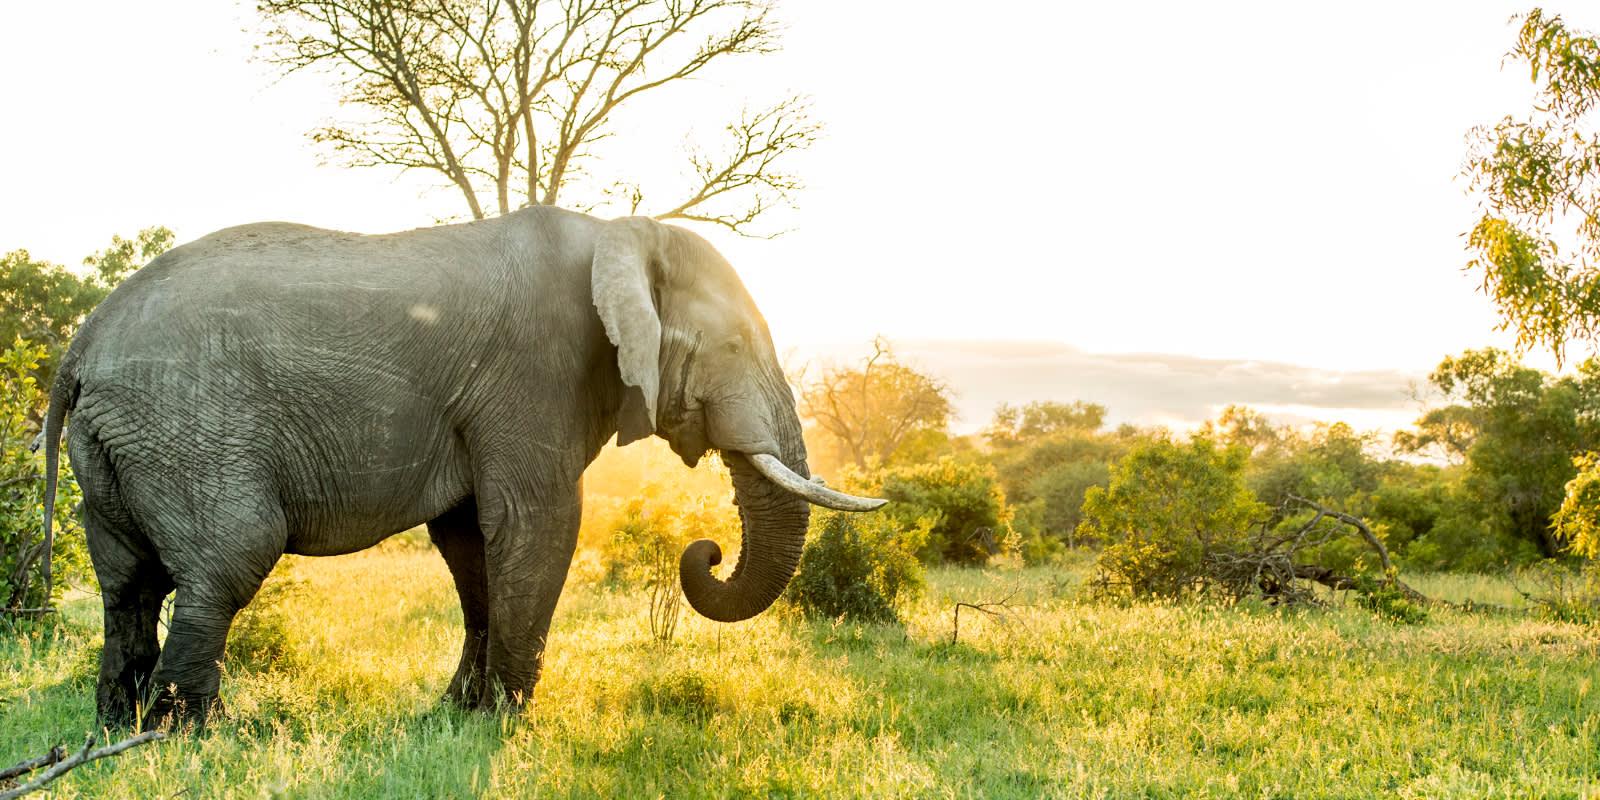 Elefant im Krüger Nationalpark bei strahlendem Himmel